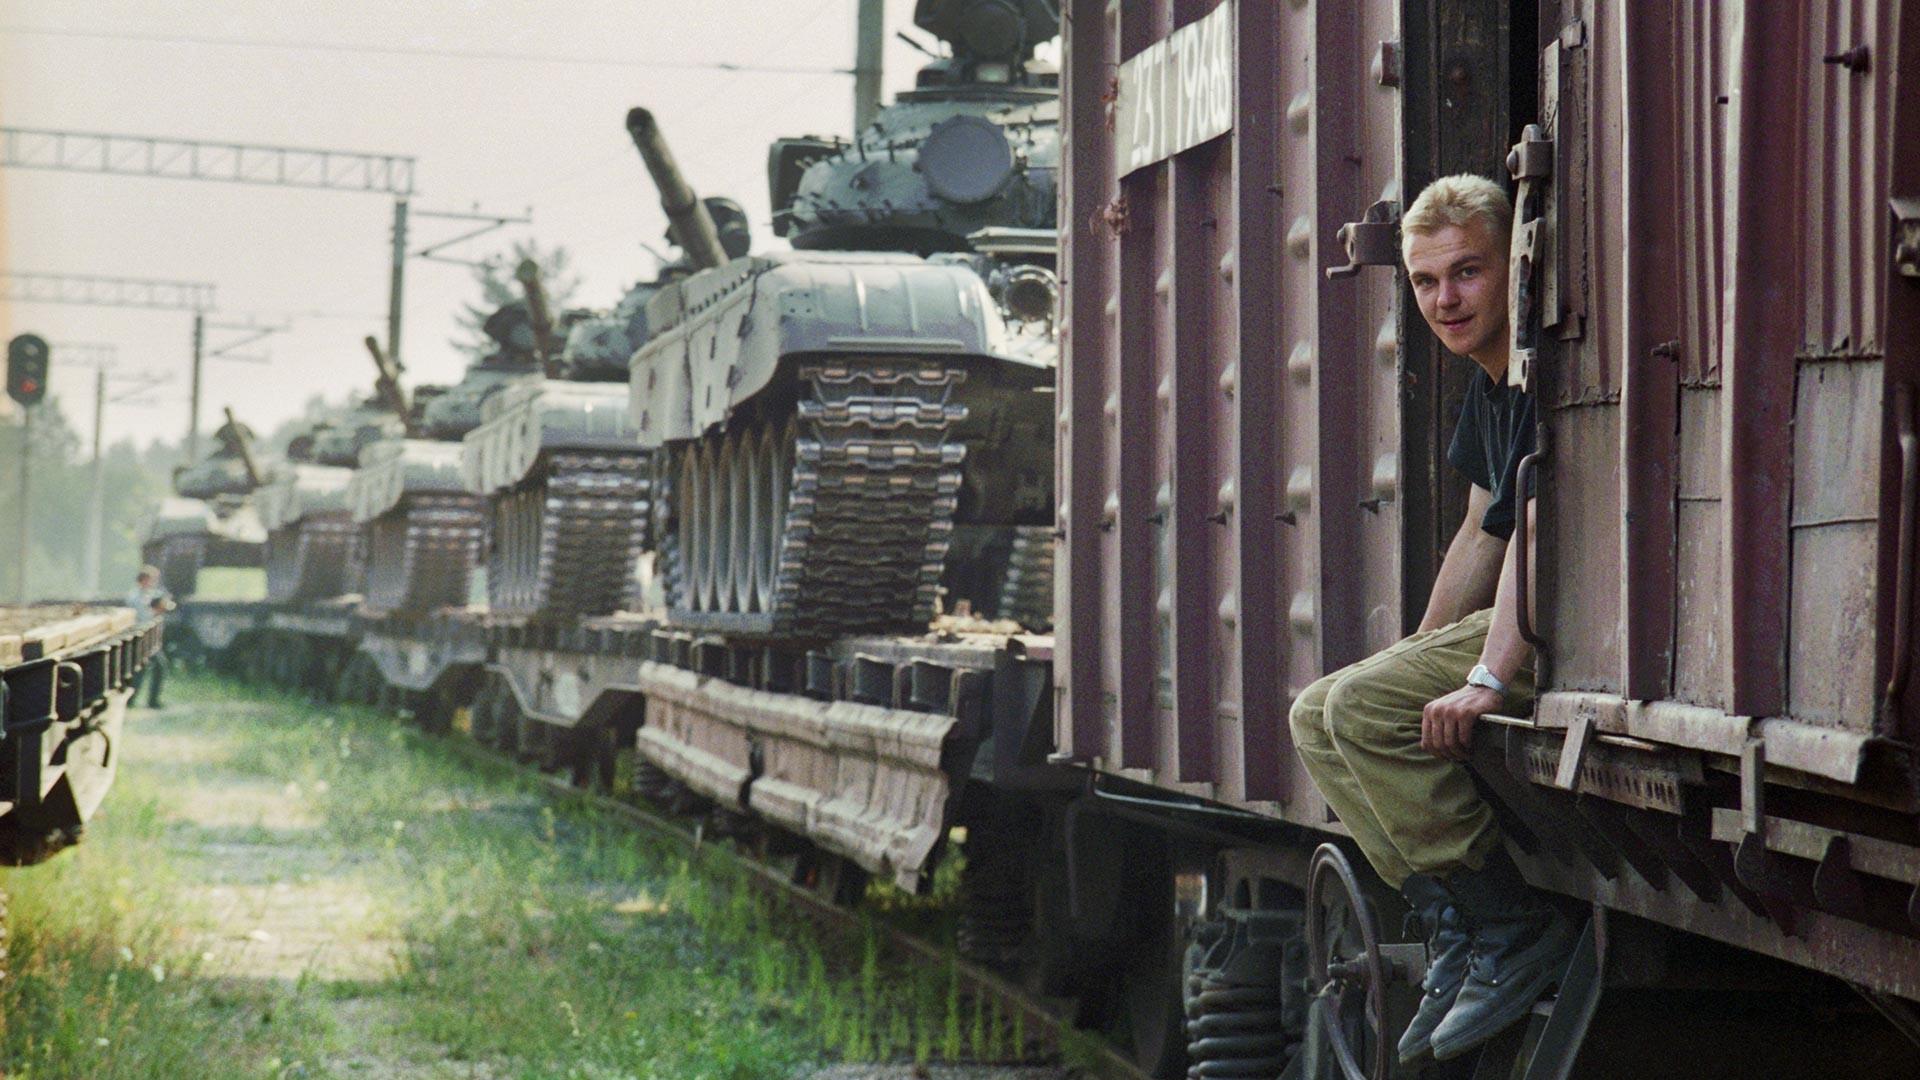 Retrait des troupes de Lettonie. Un échelon se préparant au départ vers la Russie.